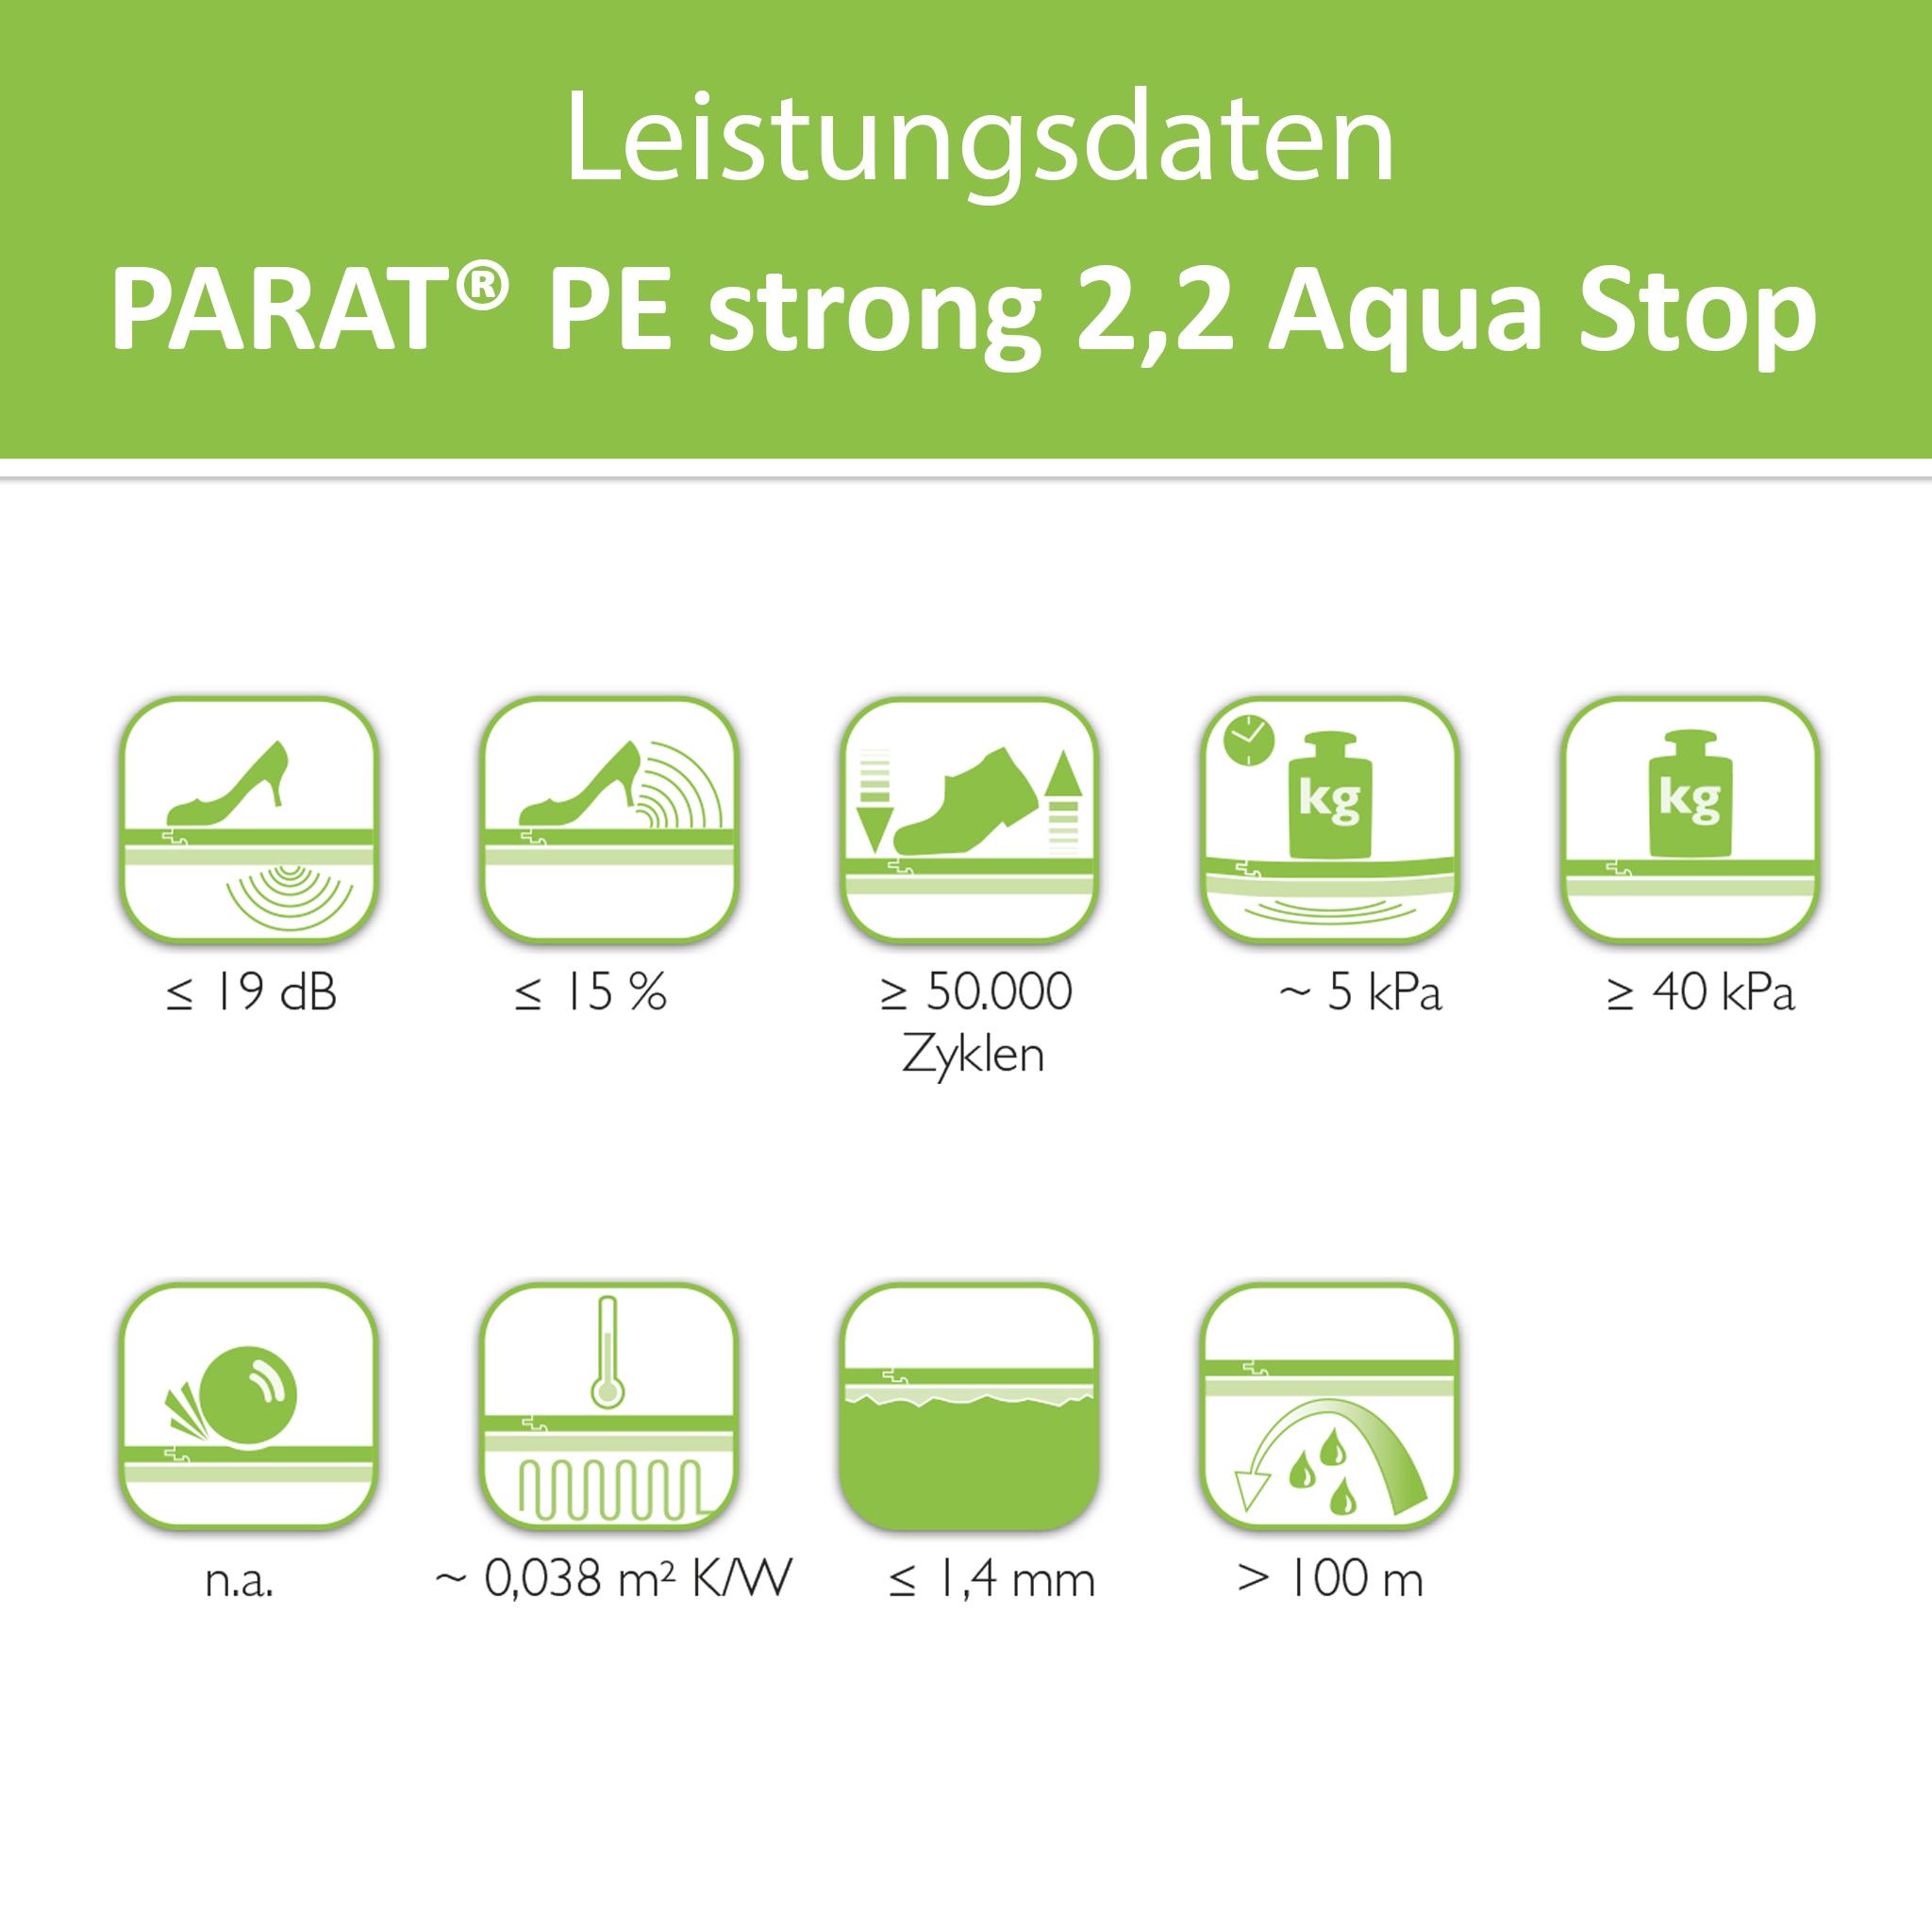 PARAT PE strong 2,2 Aqua Stop